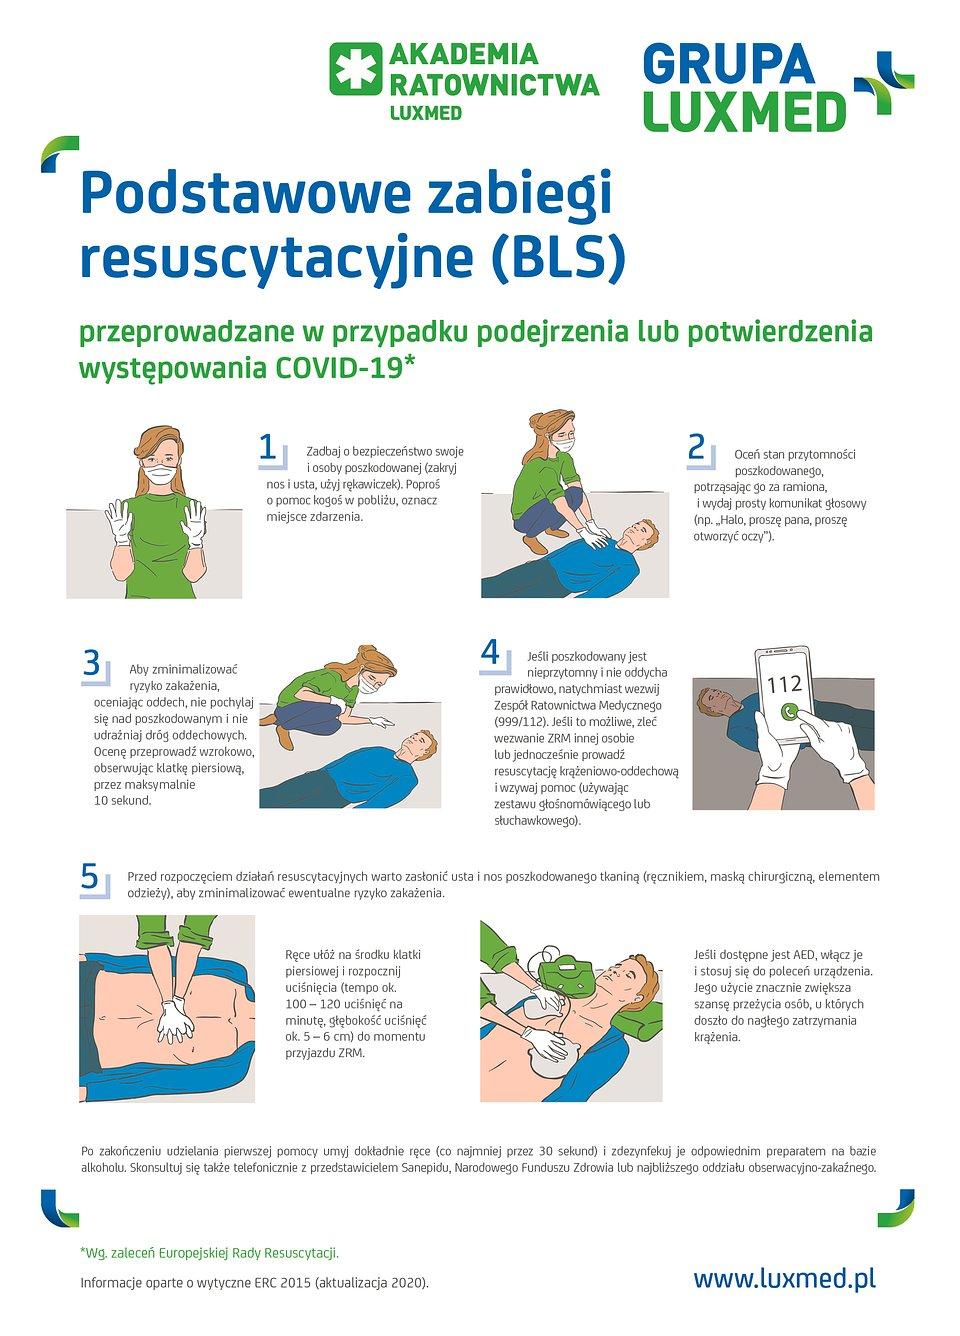 Pierwsza pomoc w dobie COVID-19_infografika.jpg